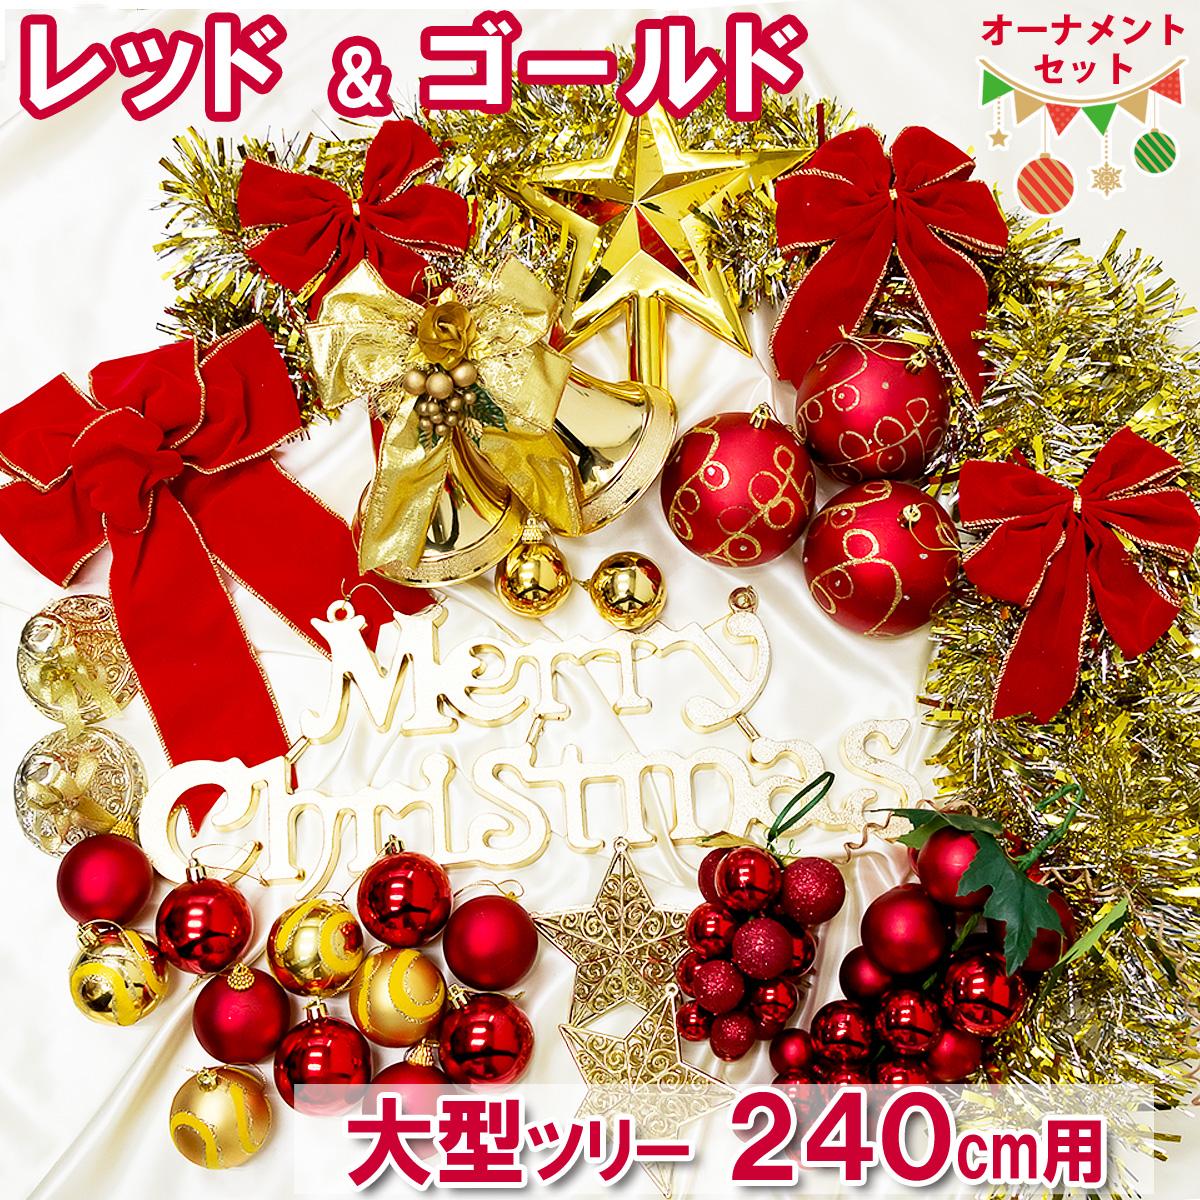 クリスマスツリー オーナメントセット 240cm 業務用 大型 オーナメント レッド&ゴールド グランデツリー用 飾り